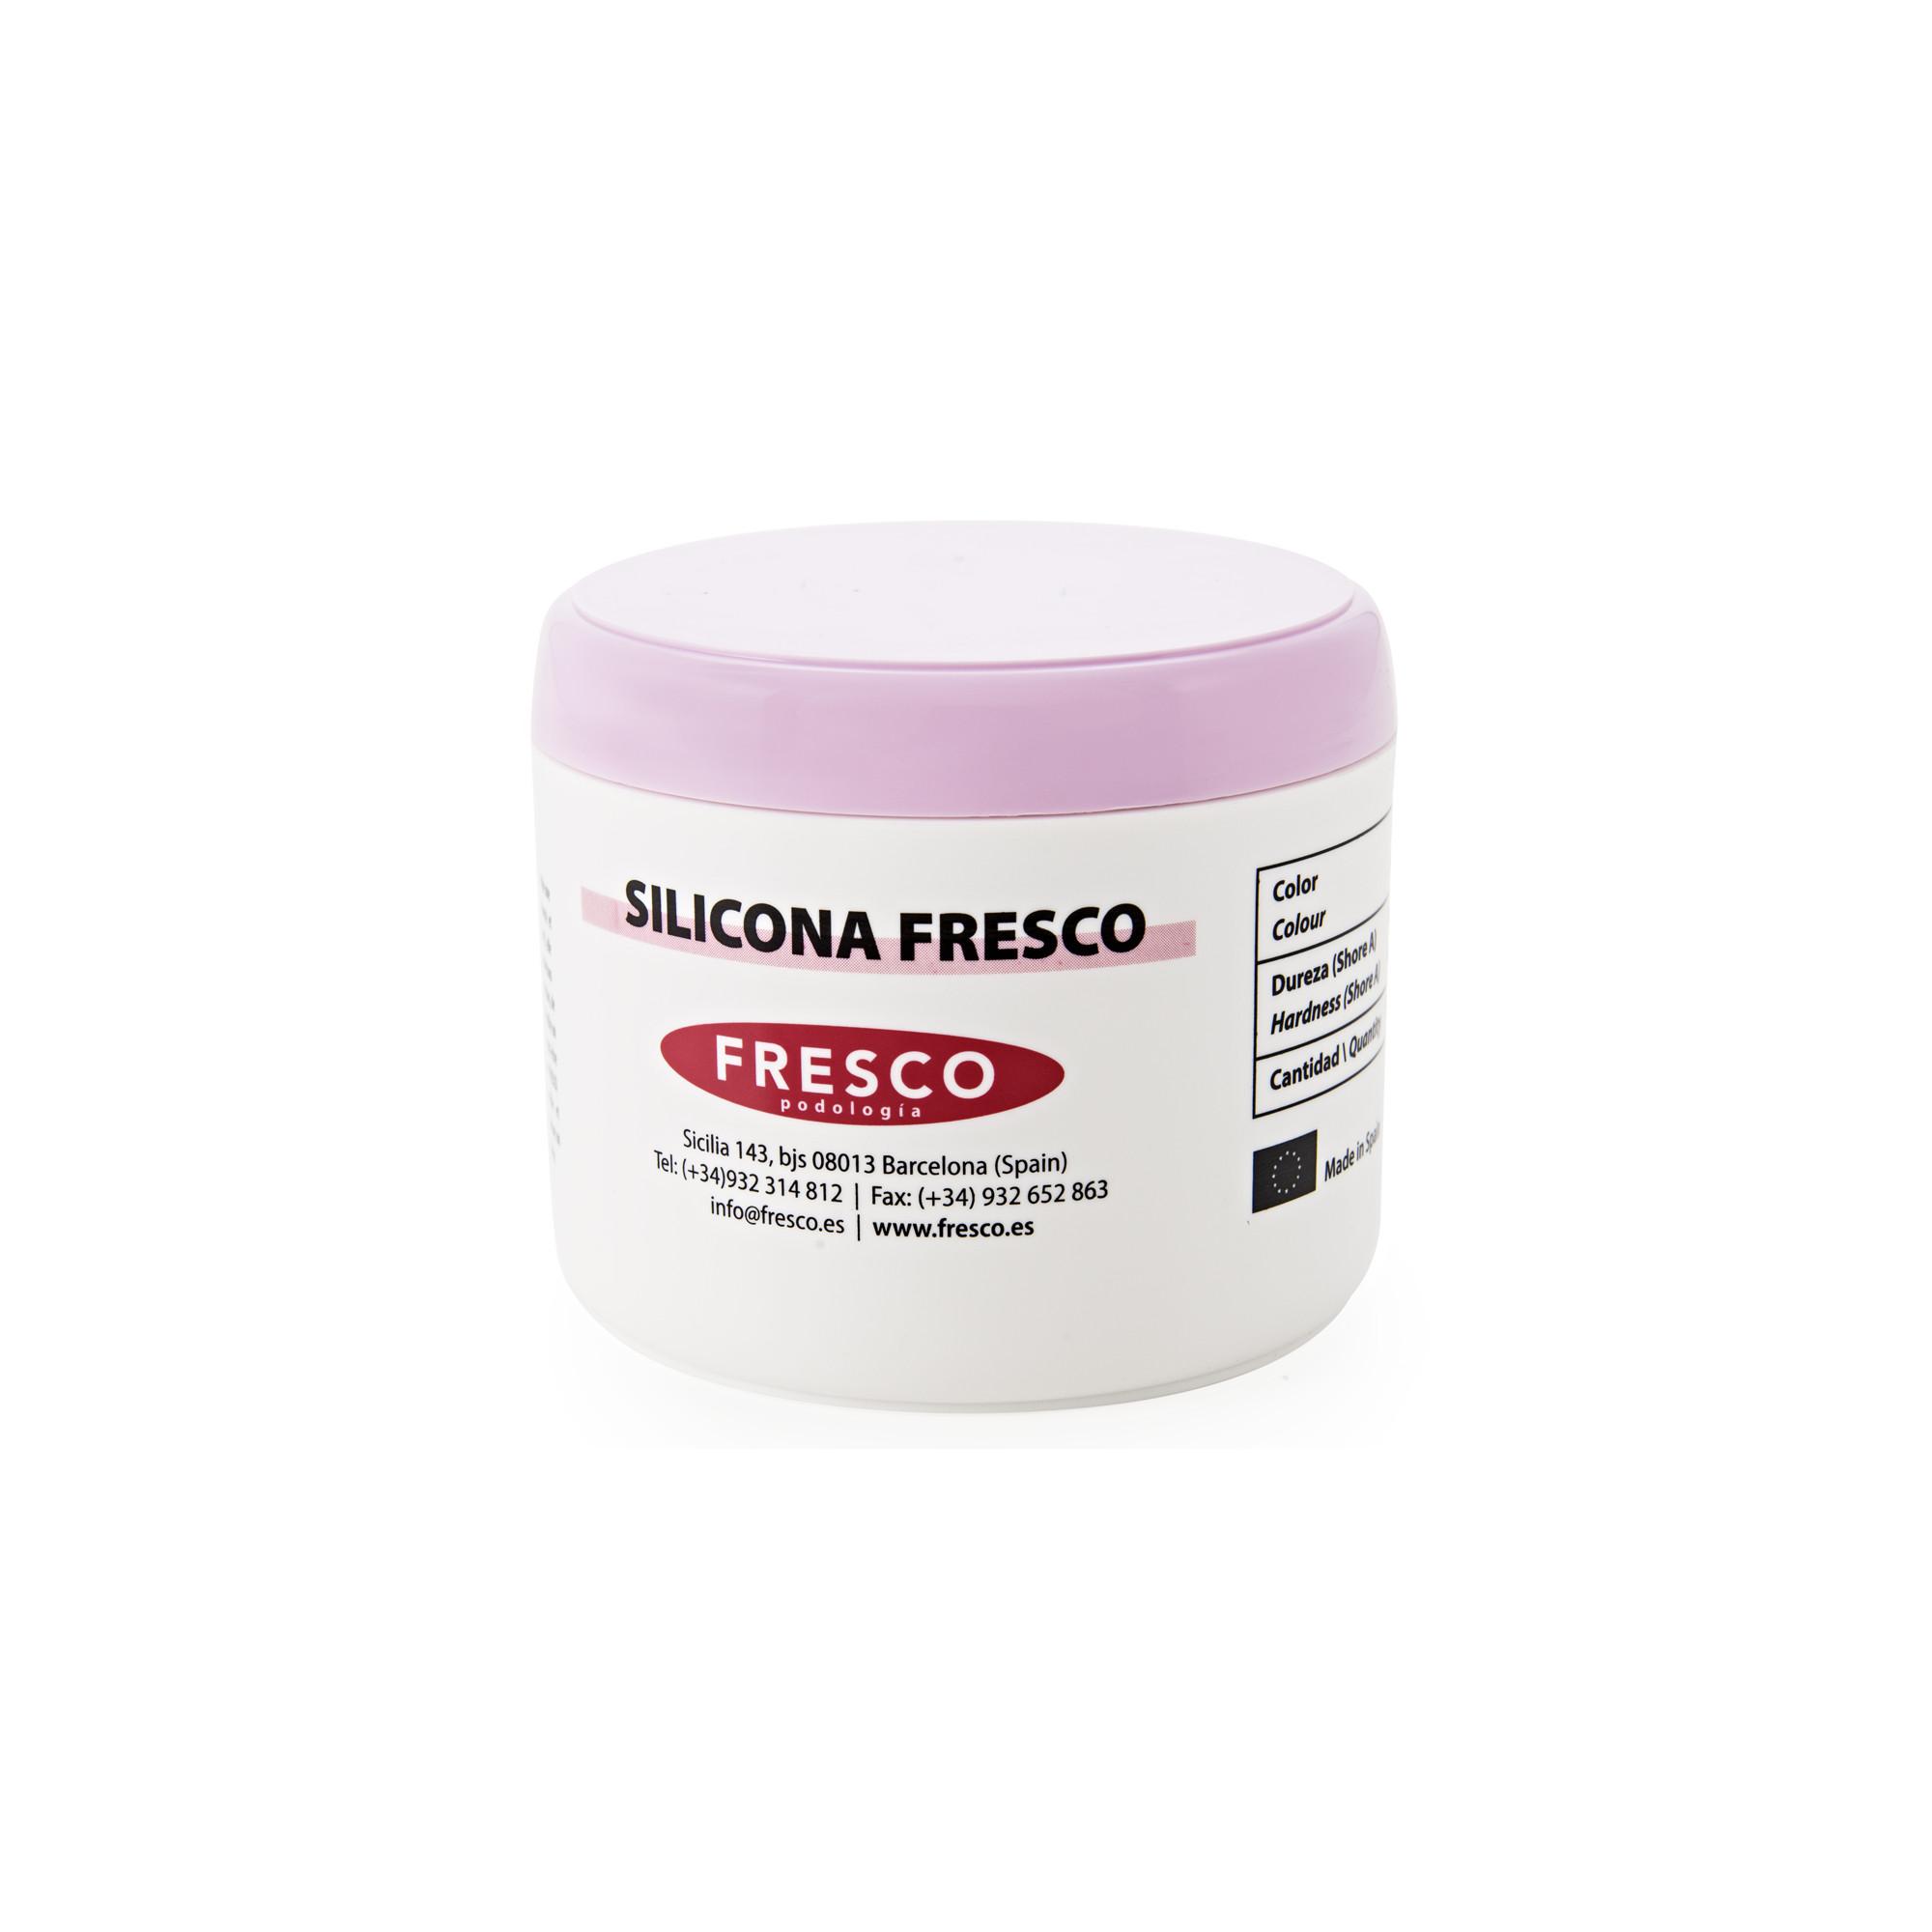 Silicone Fresco - Silicone semi-rigide - 500g